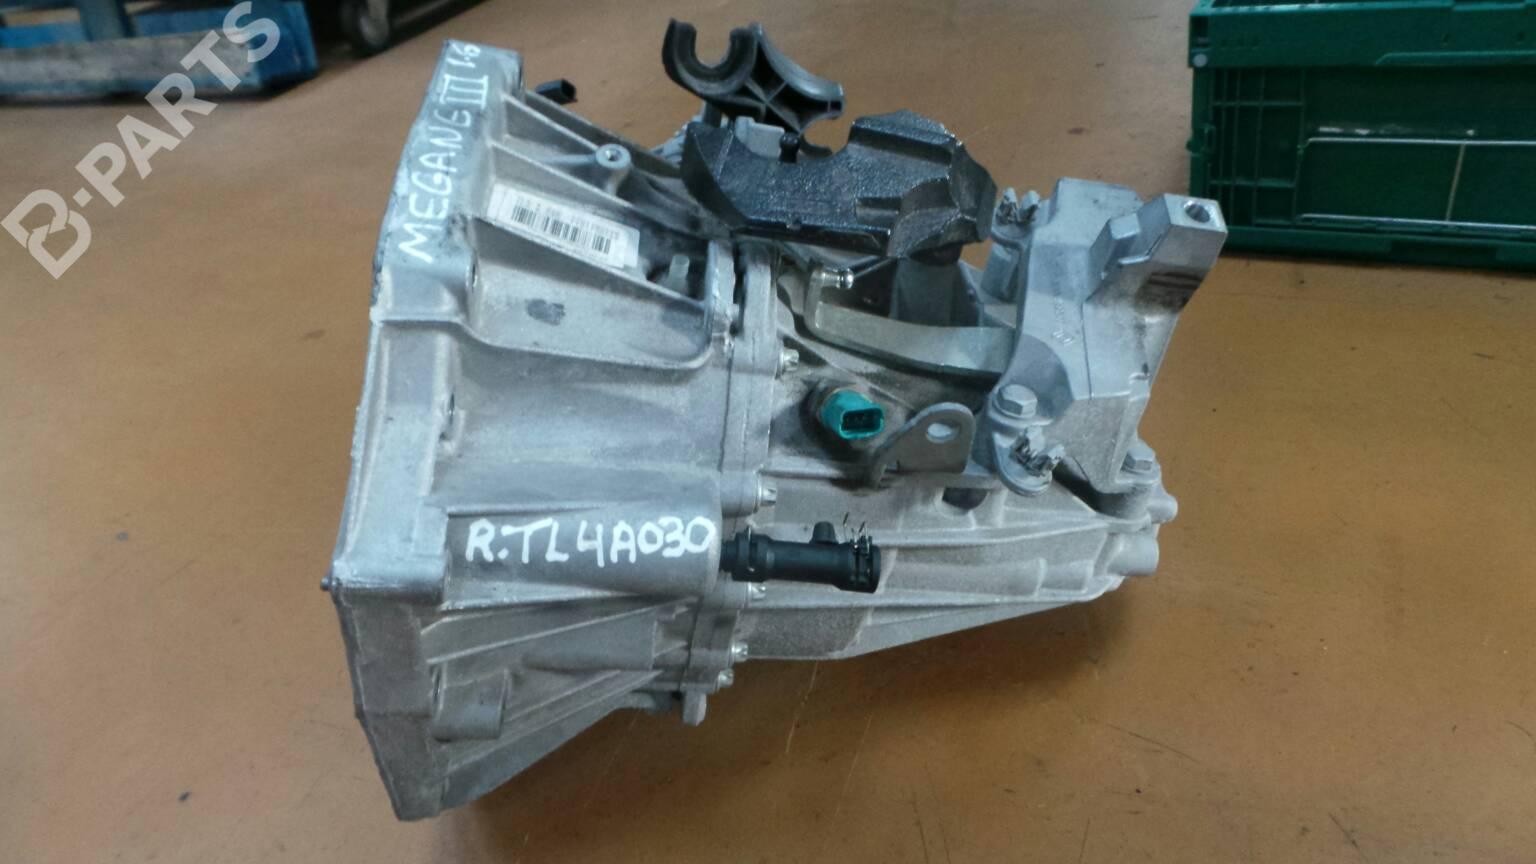 manual gearbox renault megane iii hatchback bz0 1 6 16v bz0h 32435 rh b parts com Renault Megane Kreg K4MS Rebate